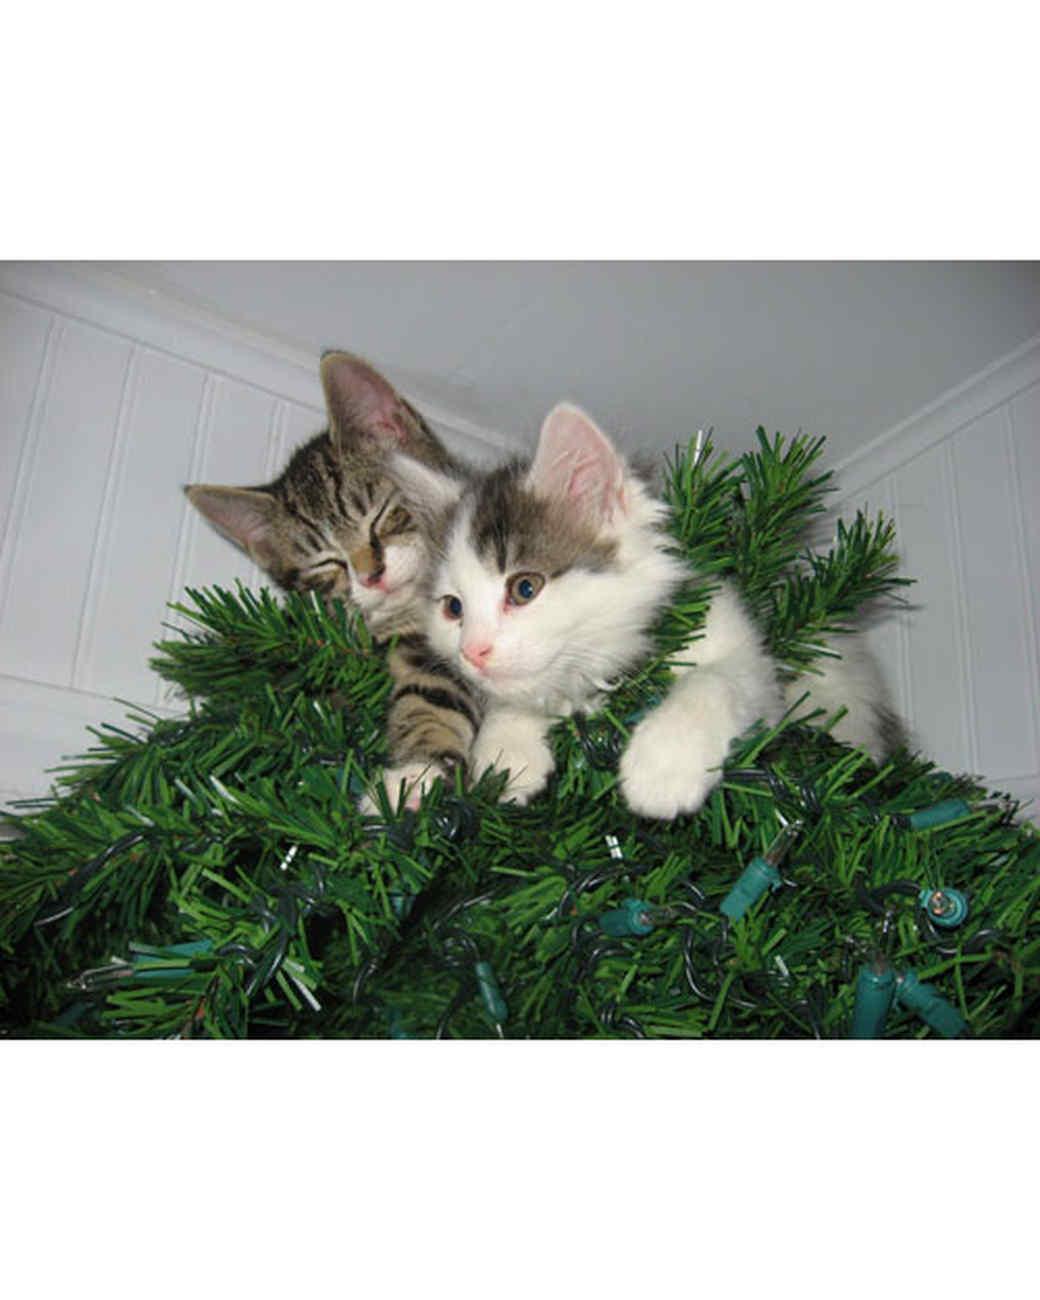 pets_ugc_santa_11602652_27962867.jpg